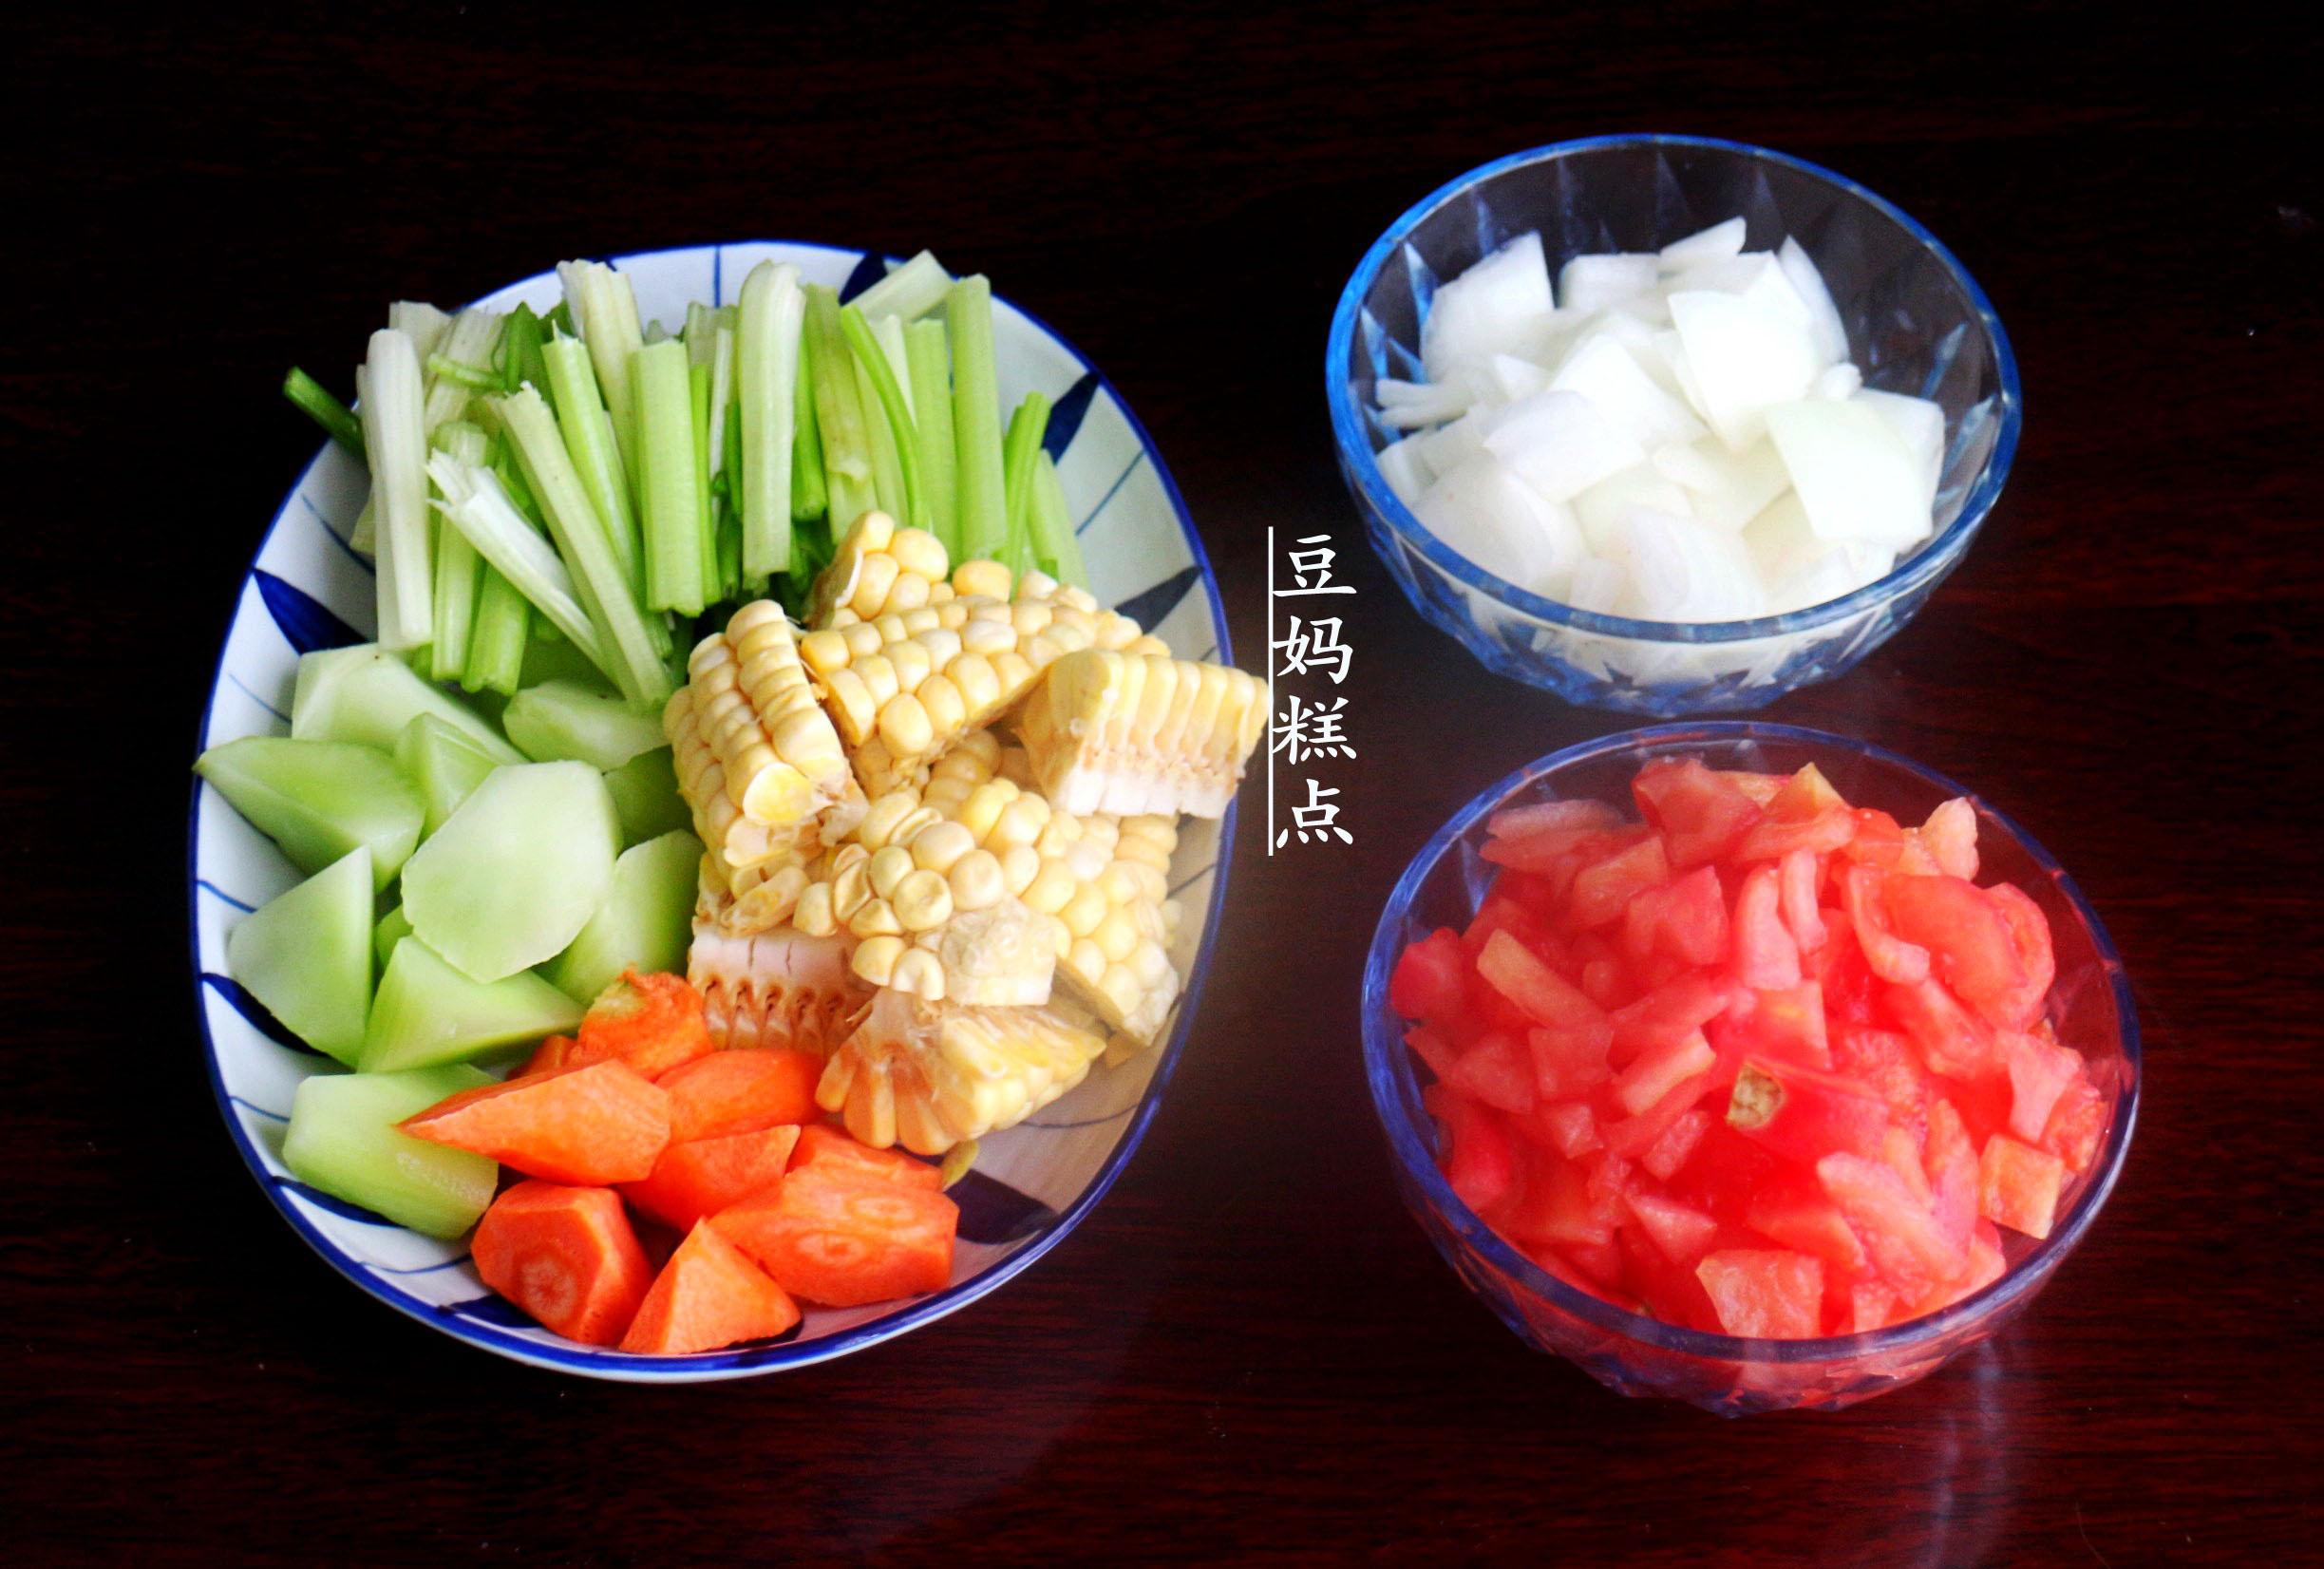 学做瘦身蔬菜汤,健康瘦身,营养不缺 减肥菜谱 第2张